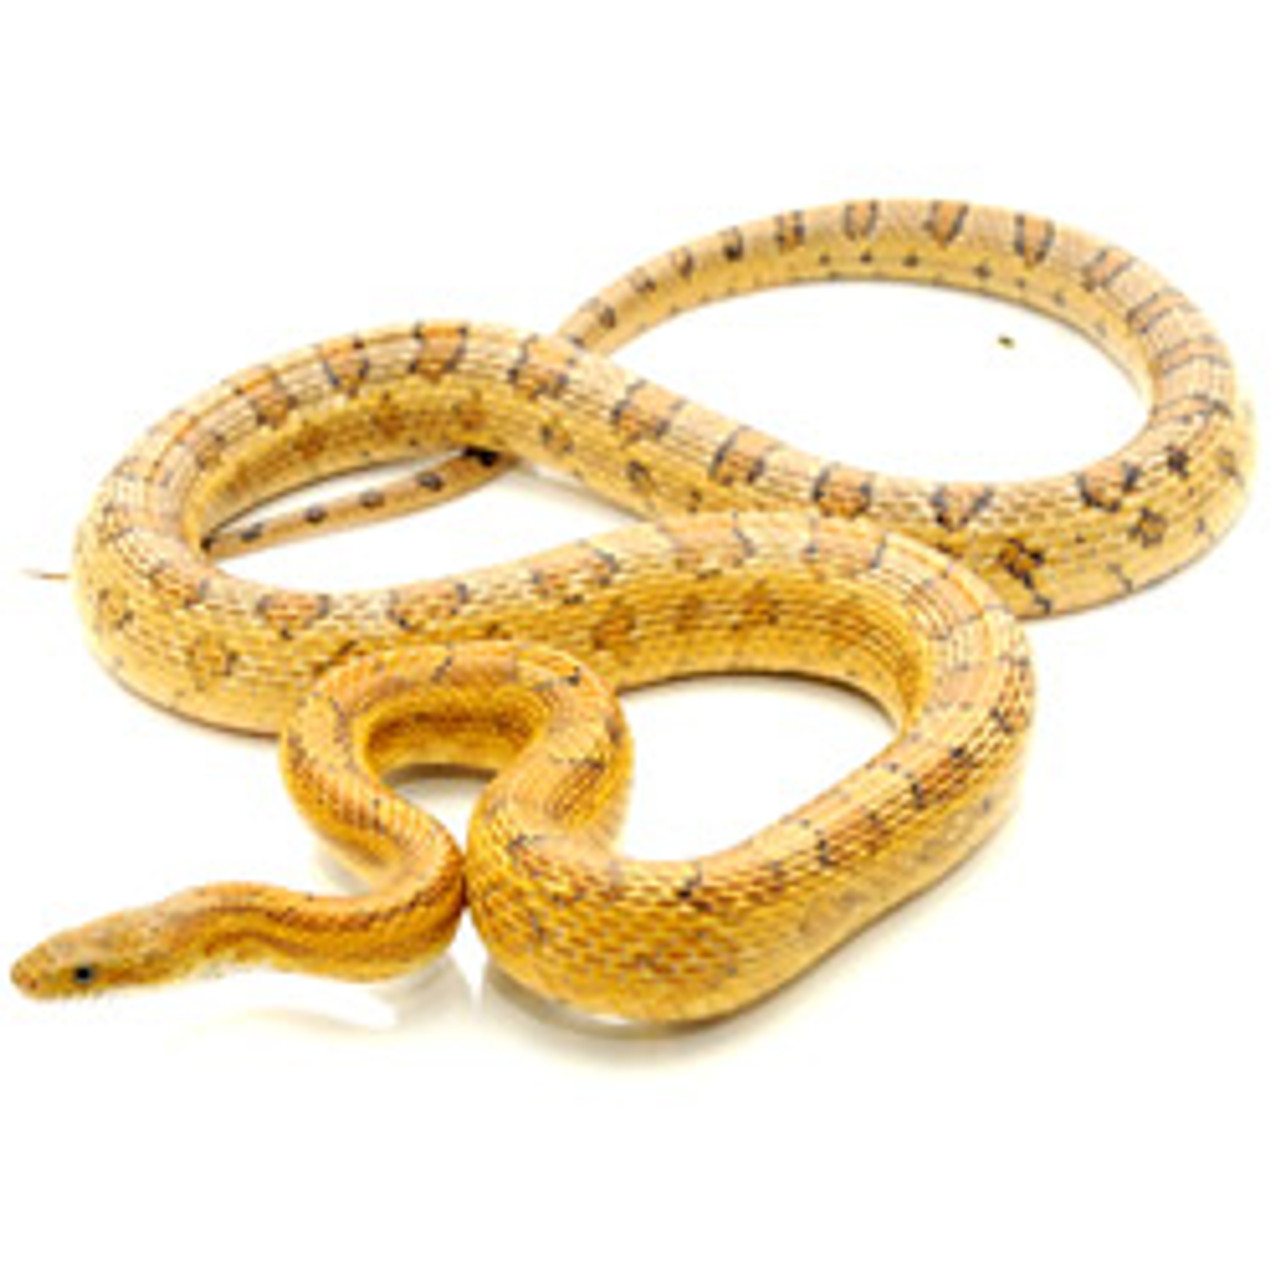 Caramel Corn Snake (Pantherophis guttata)